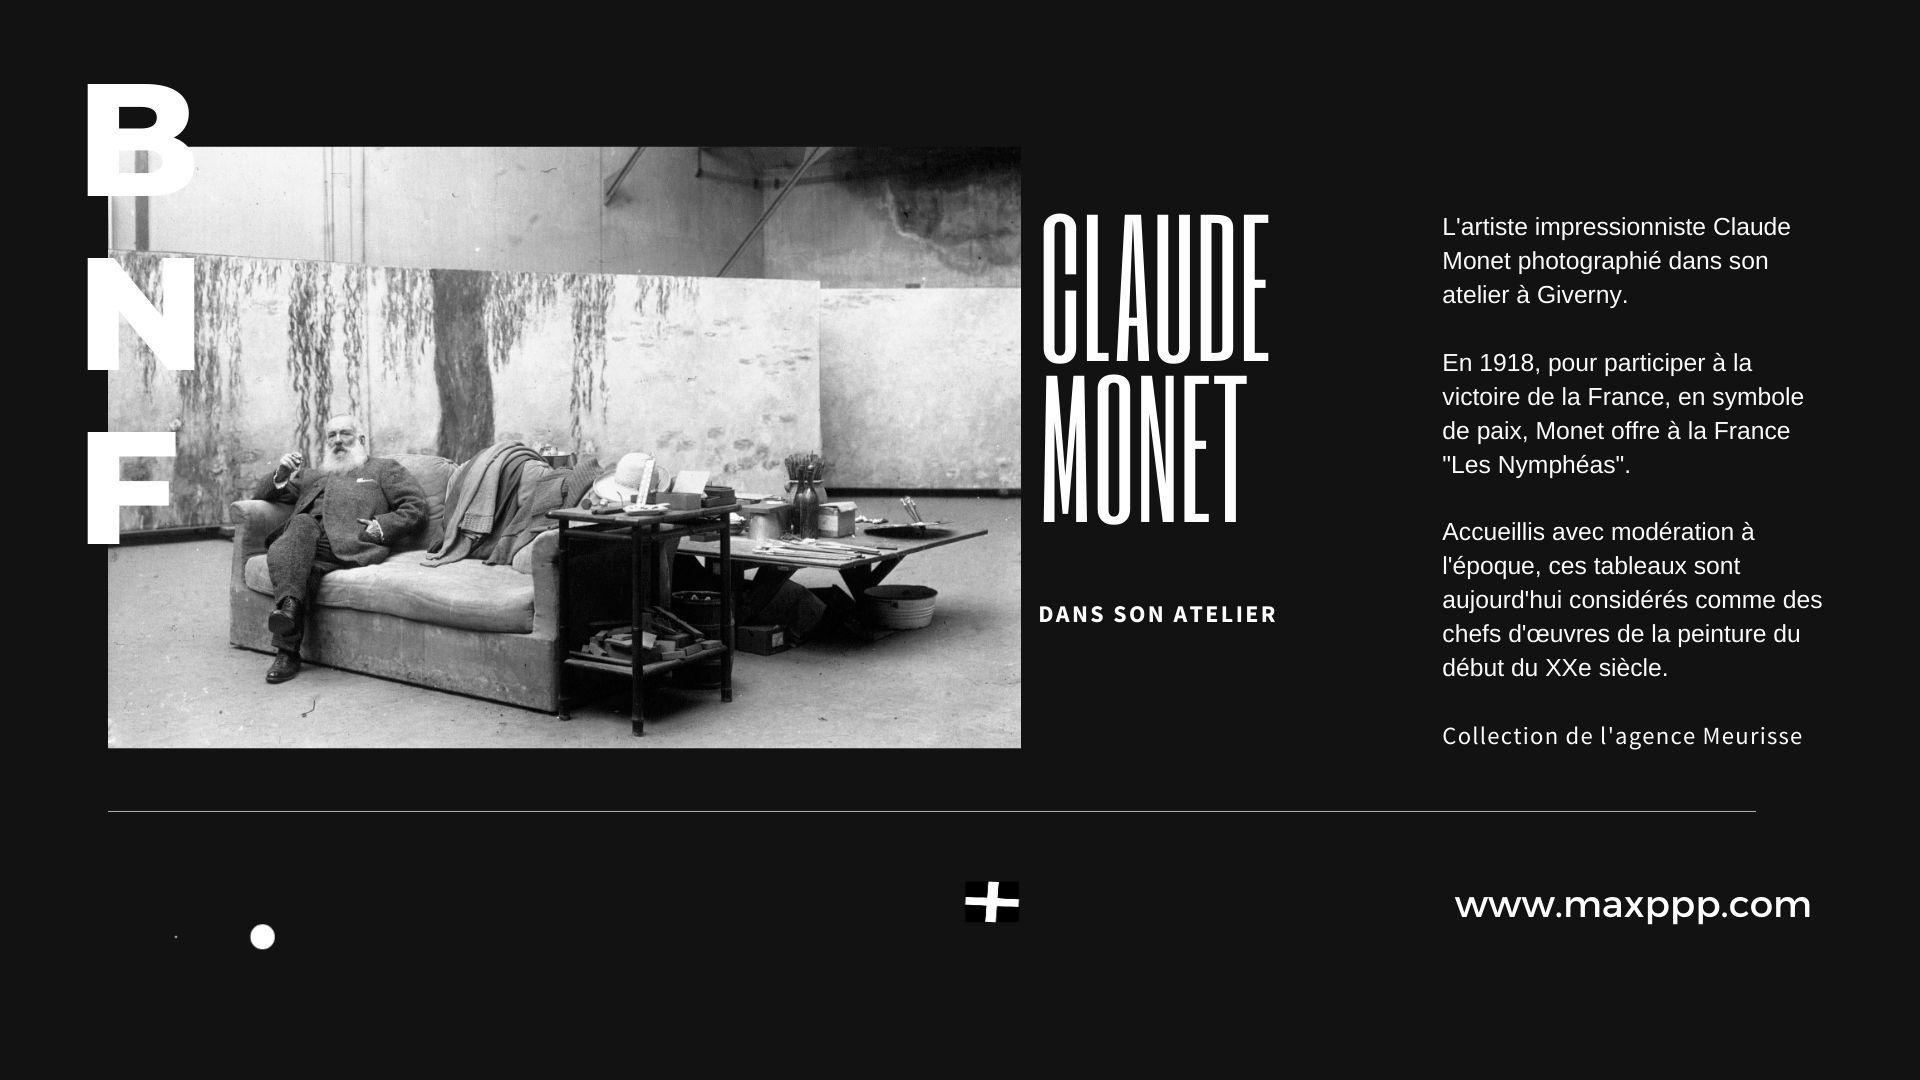 Claude Monet dans son atelier